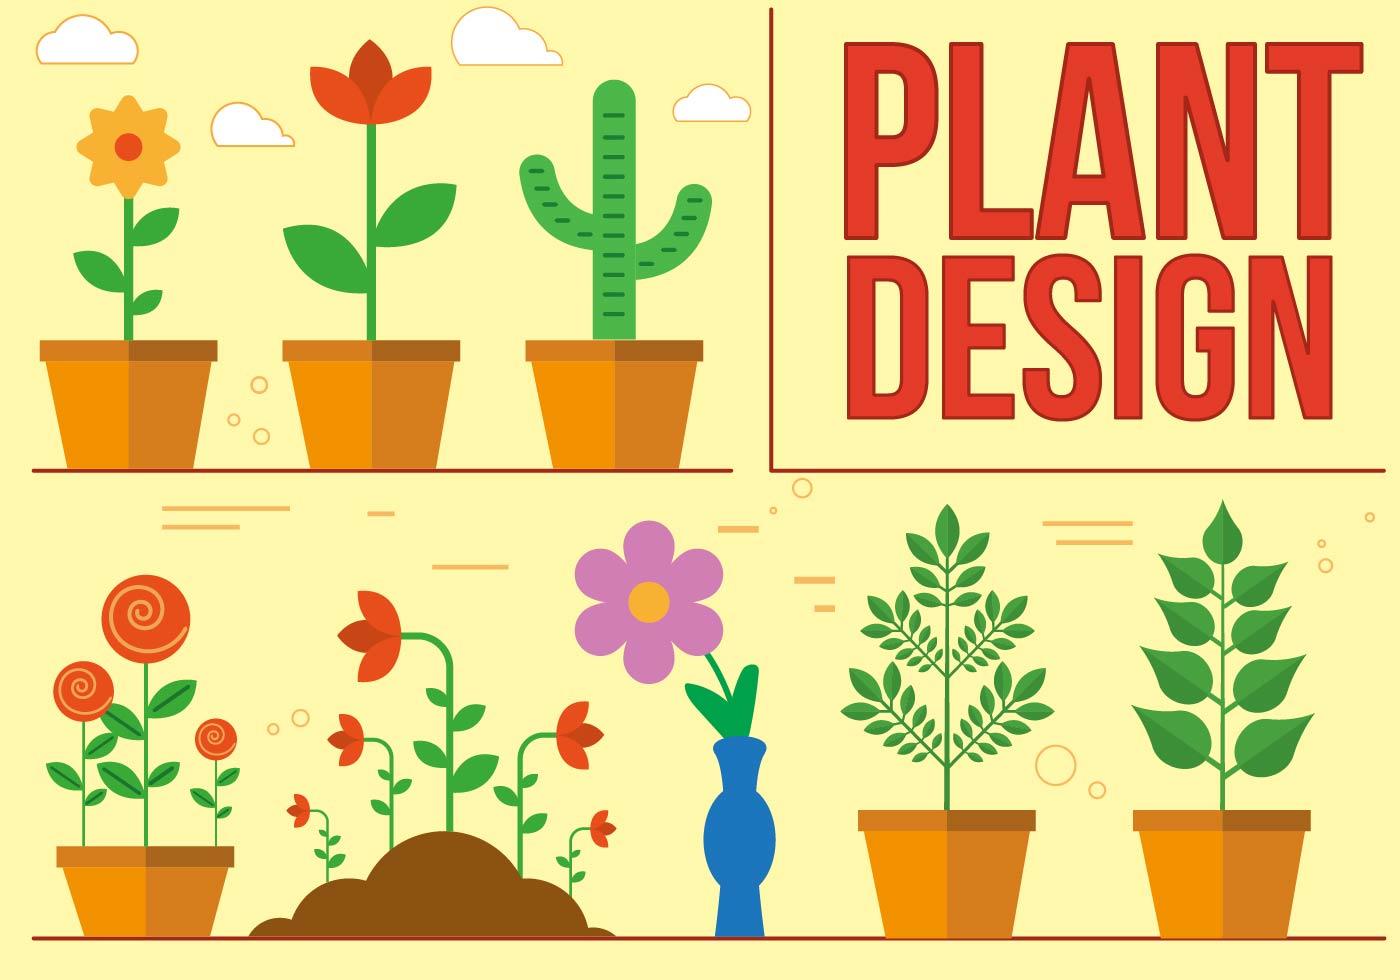 植物卡通 免費下載 | 天天瘋後製